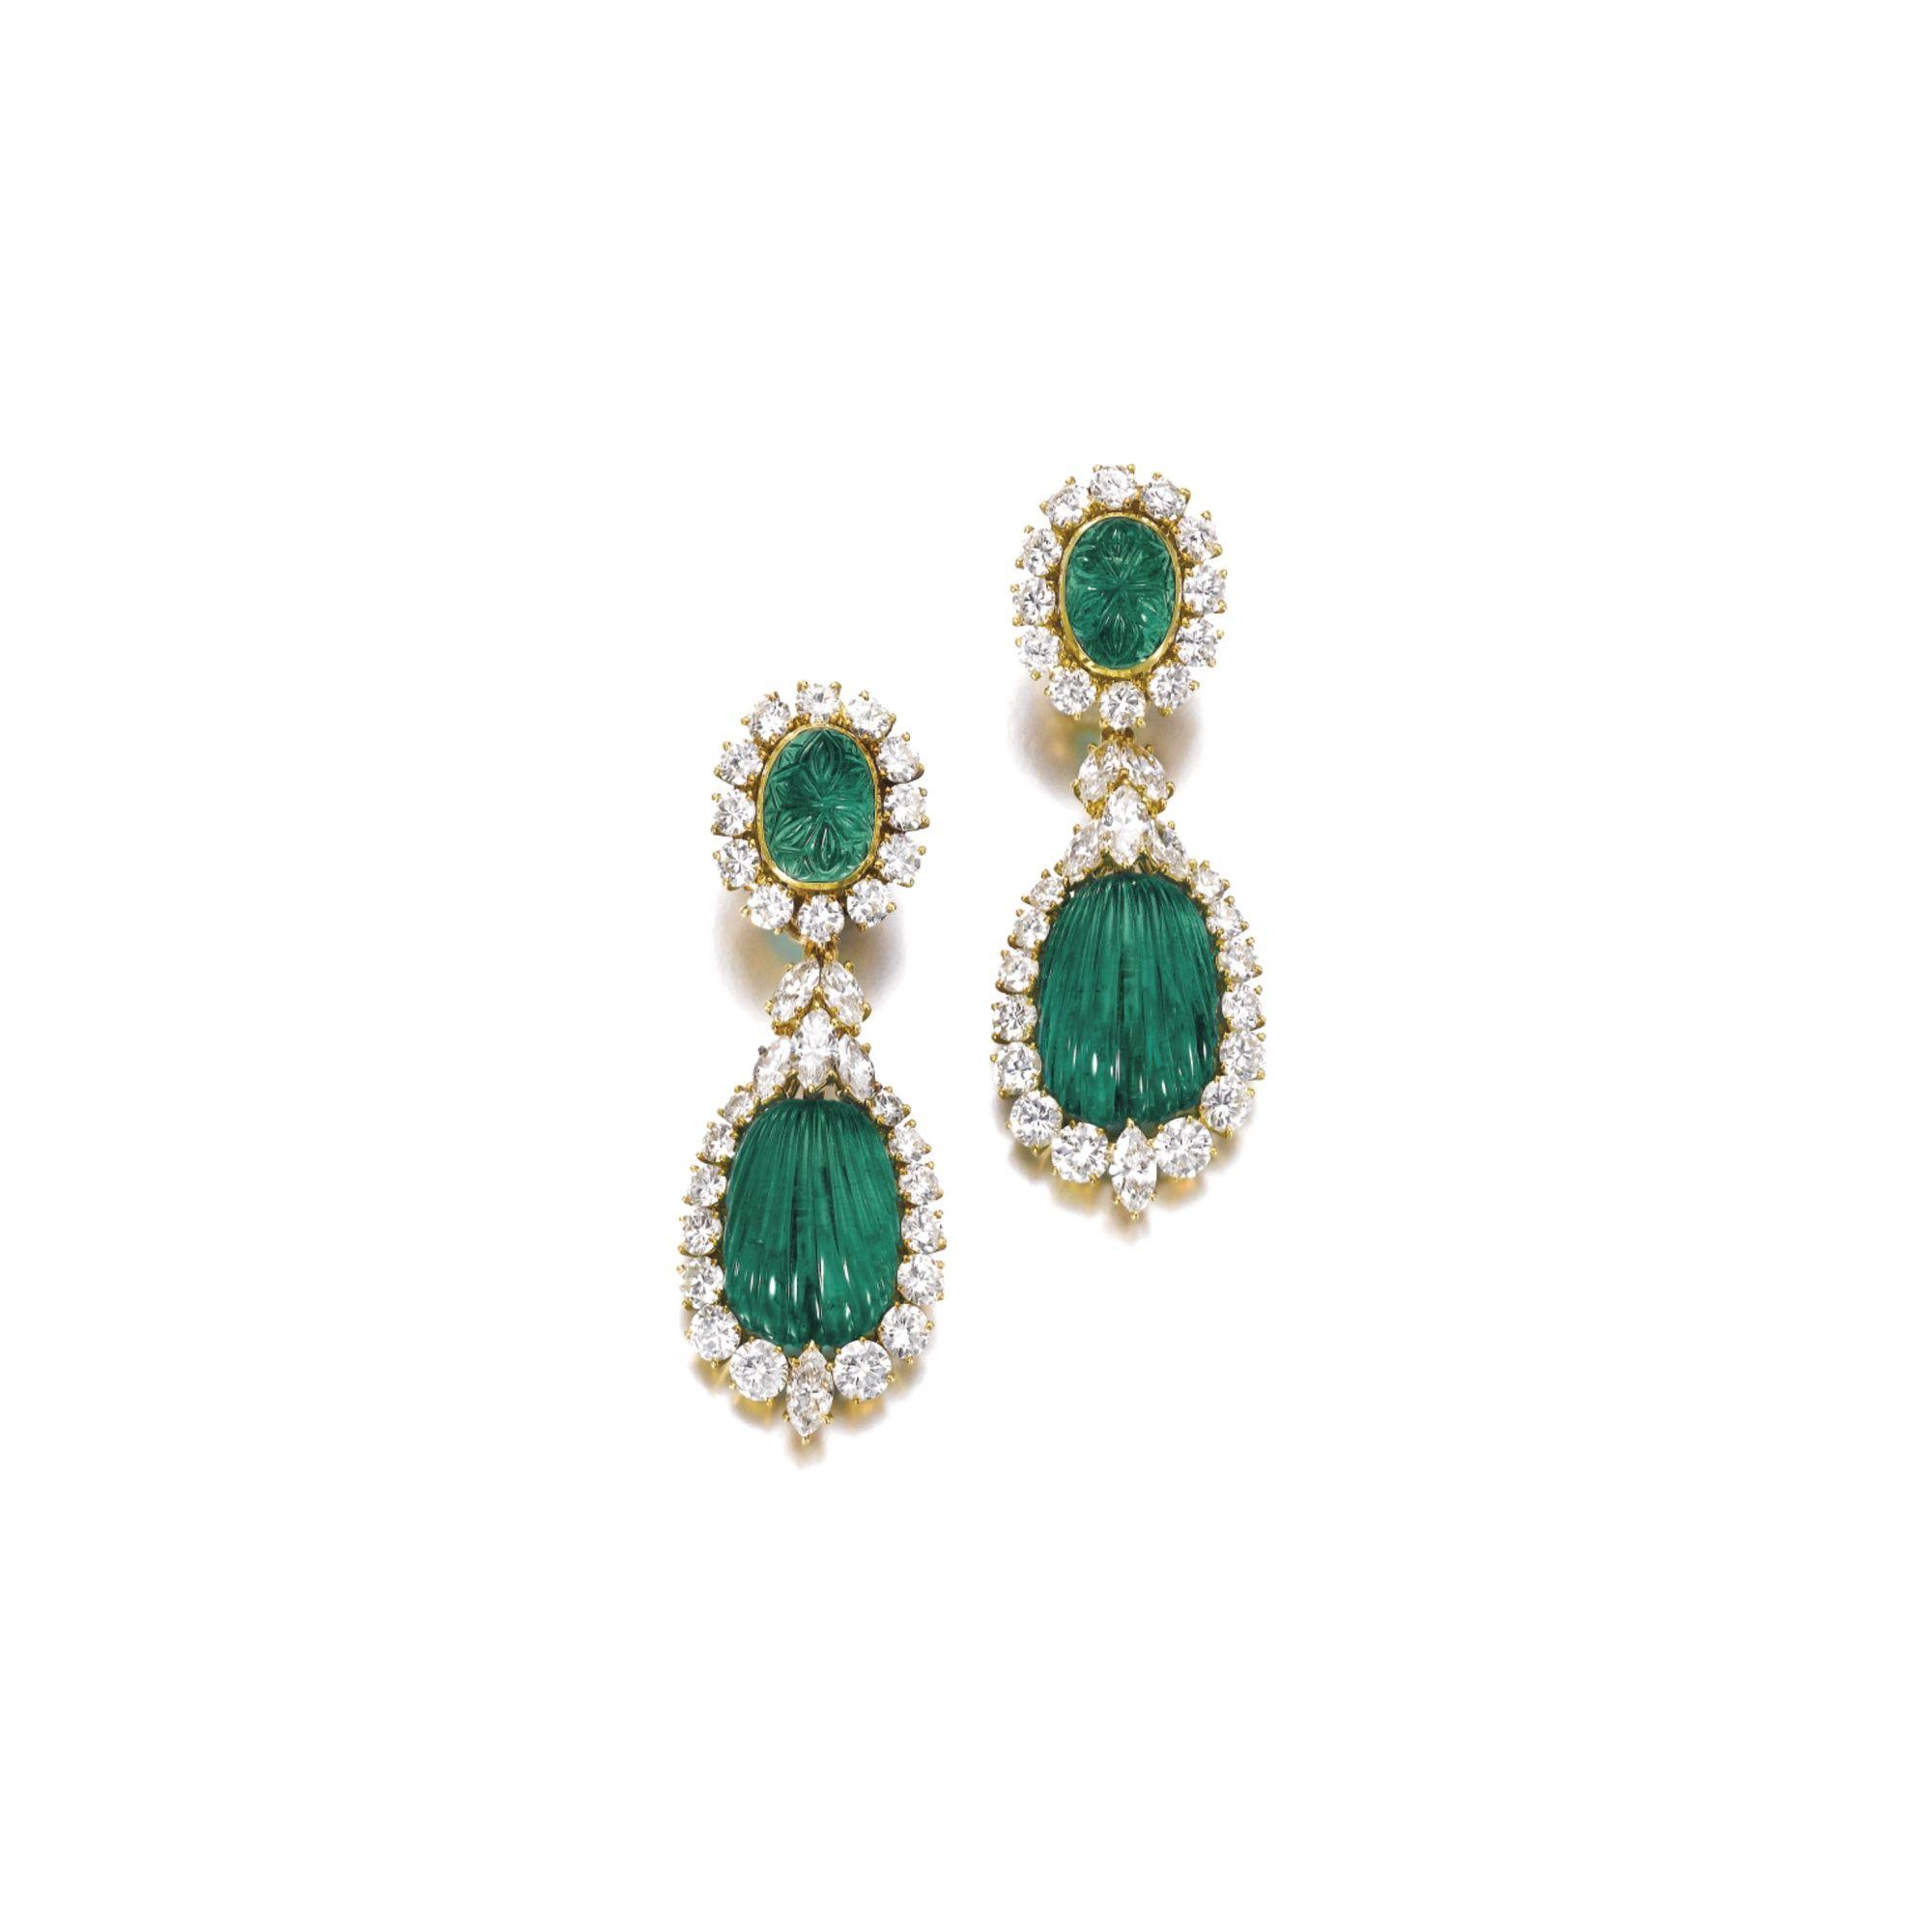 Pair of emerald and diamond pendent earrings van cleef u arpels